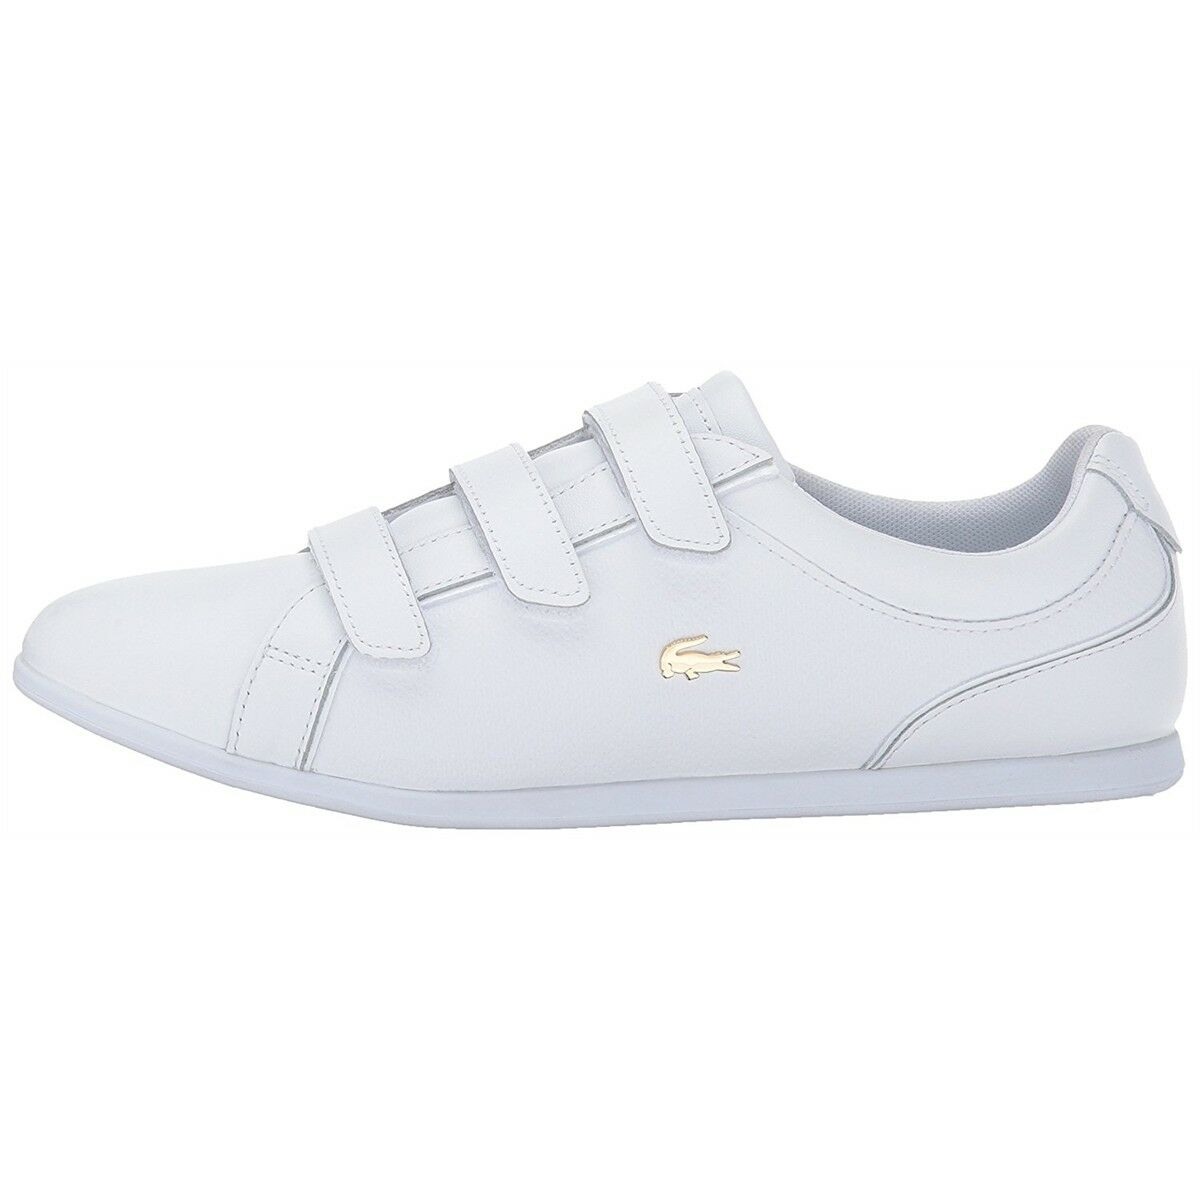 Lacoste Donna Athletic Shoes Rey Fashion Strap 317 Caw Fashion Rey Scarpe da Ginnastica bianca 640fbd